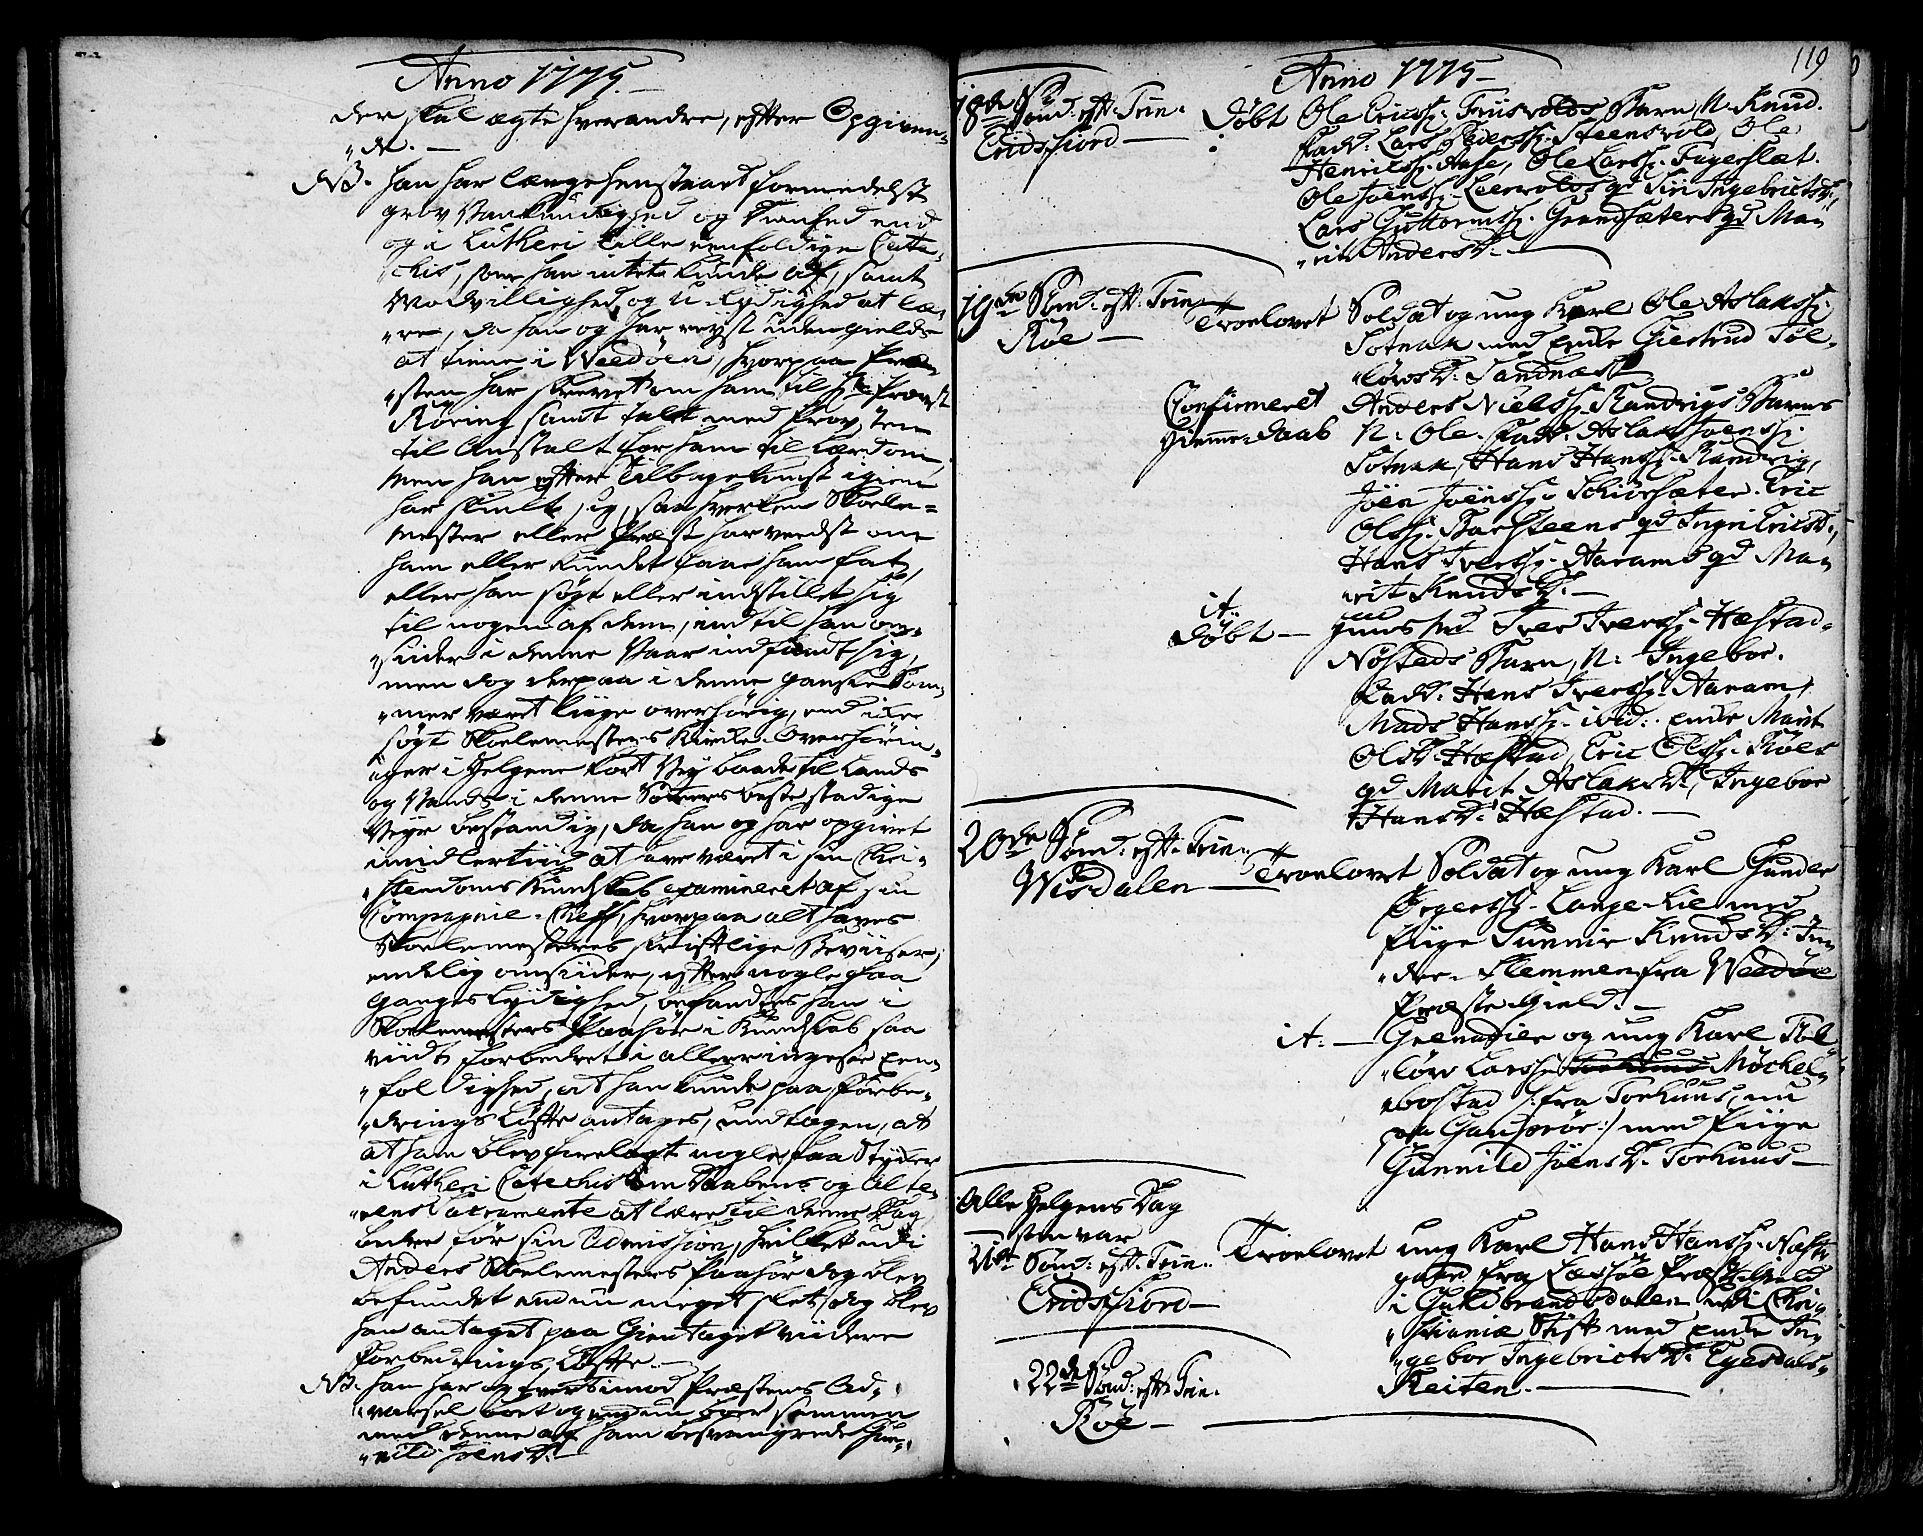 SAT, Ministerialprotokoller, klokkerbøker og fødselsregistre - Møre og Romsdal, 551/L0621: Ministerialbok nr. 551A01, 1757-1803, s. 119